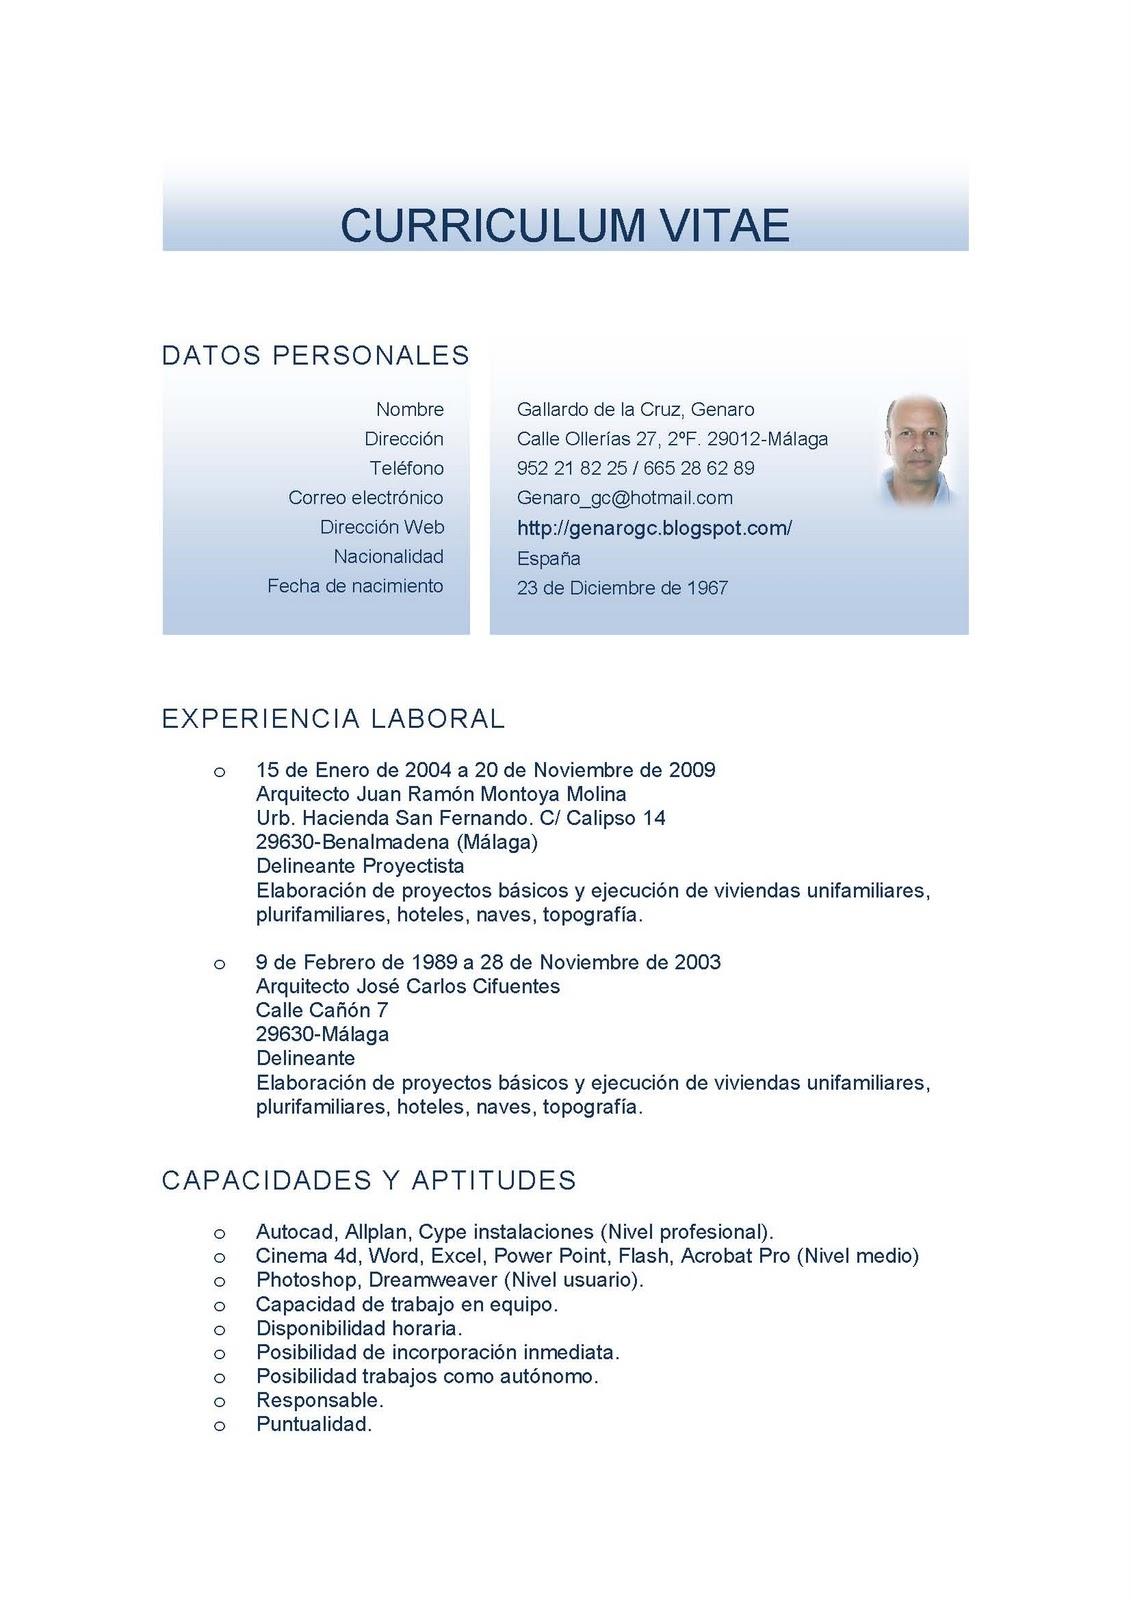 Curriculum Vitae Meaning Kotimamma